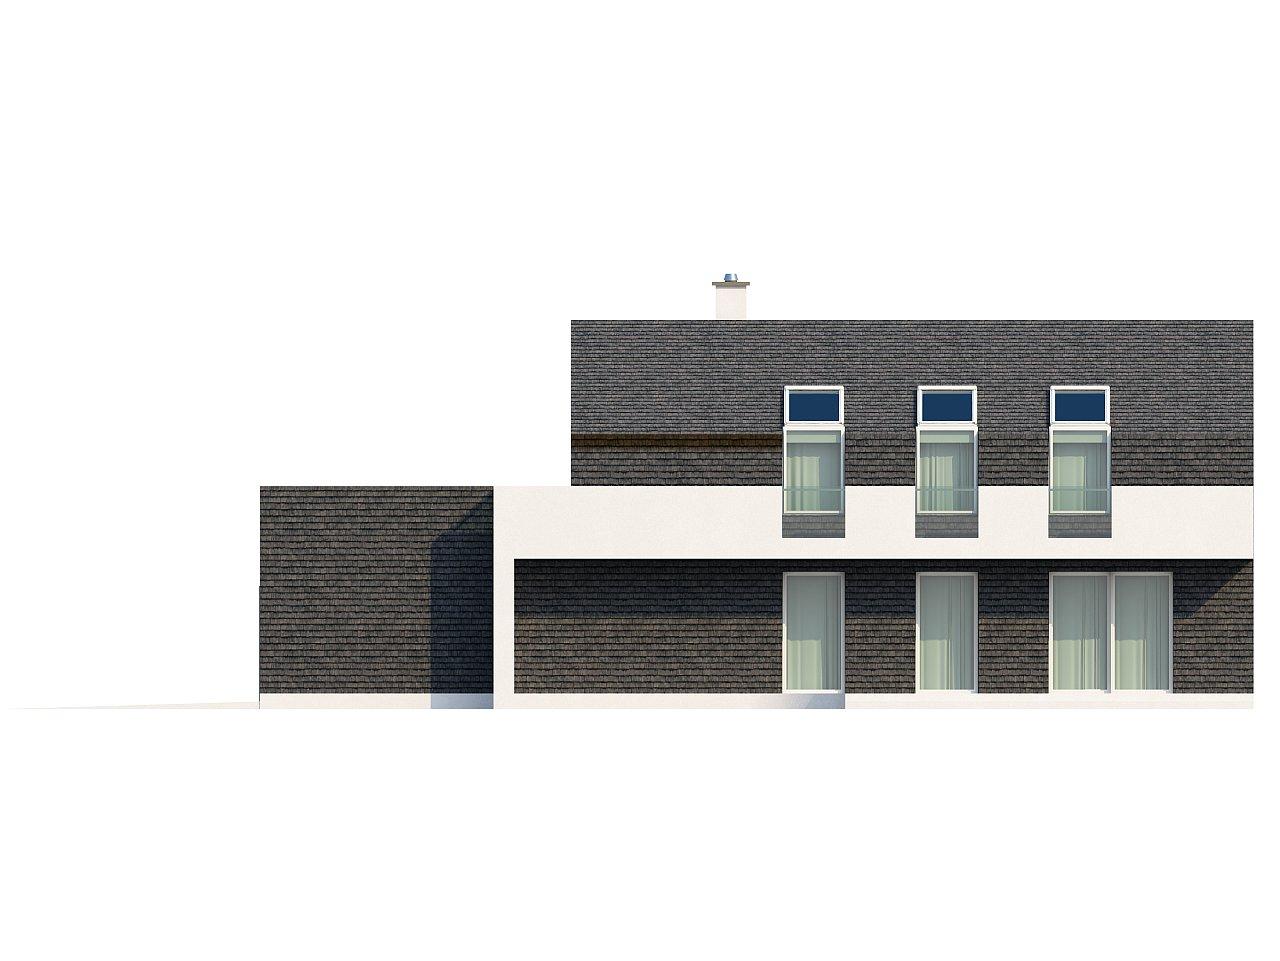 Современный эксклюзивный дом с каменной облицовкой, подходящий для узкого участка. 17